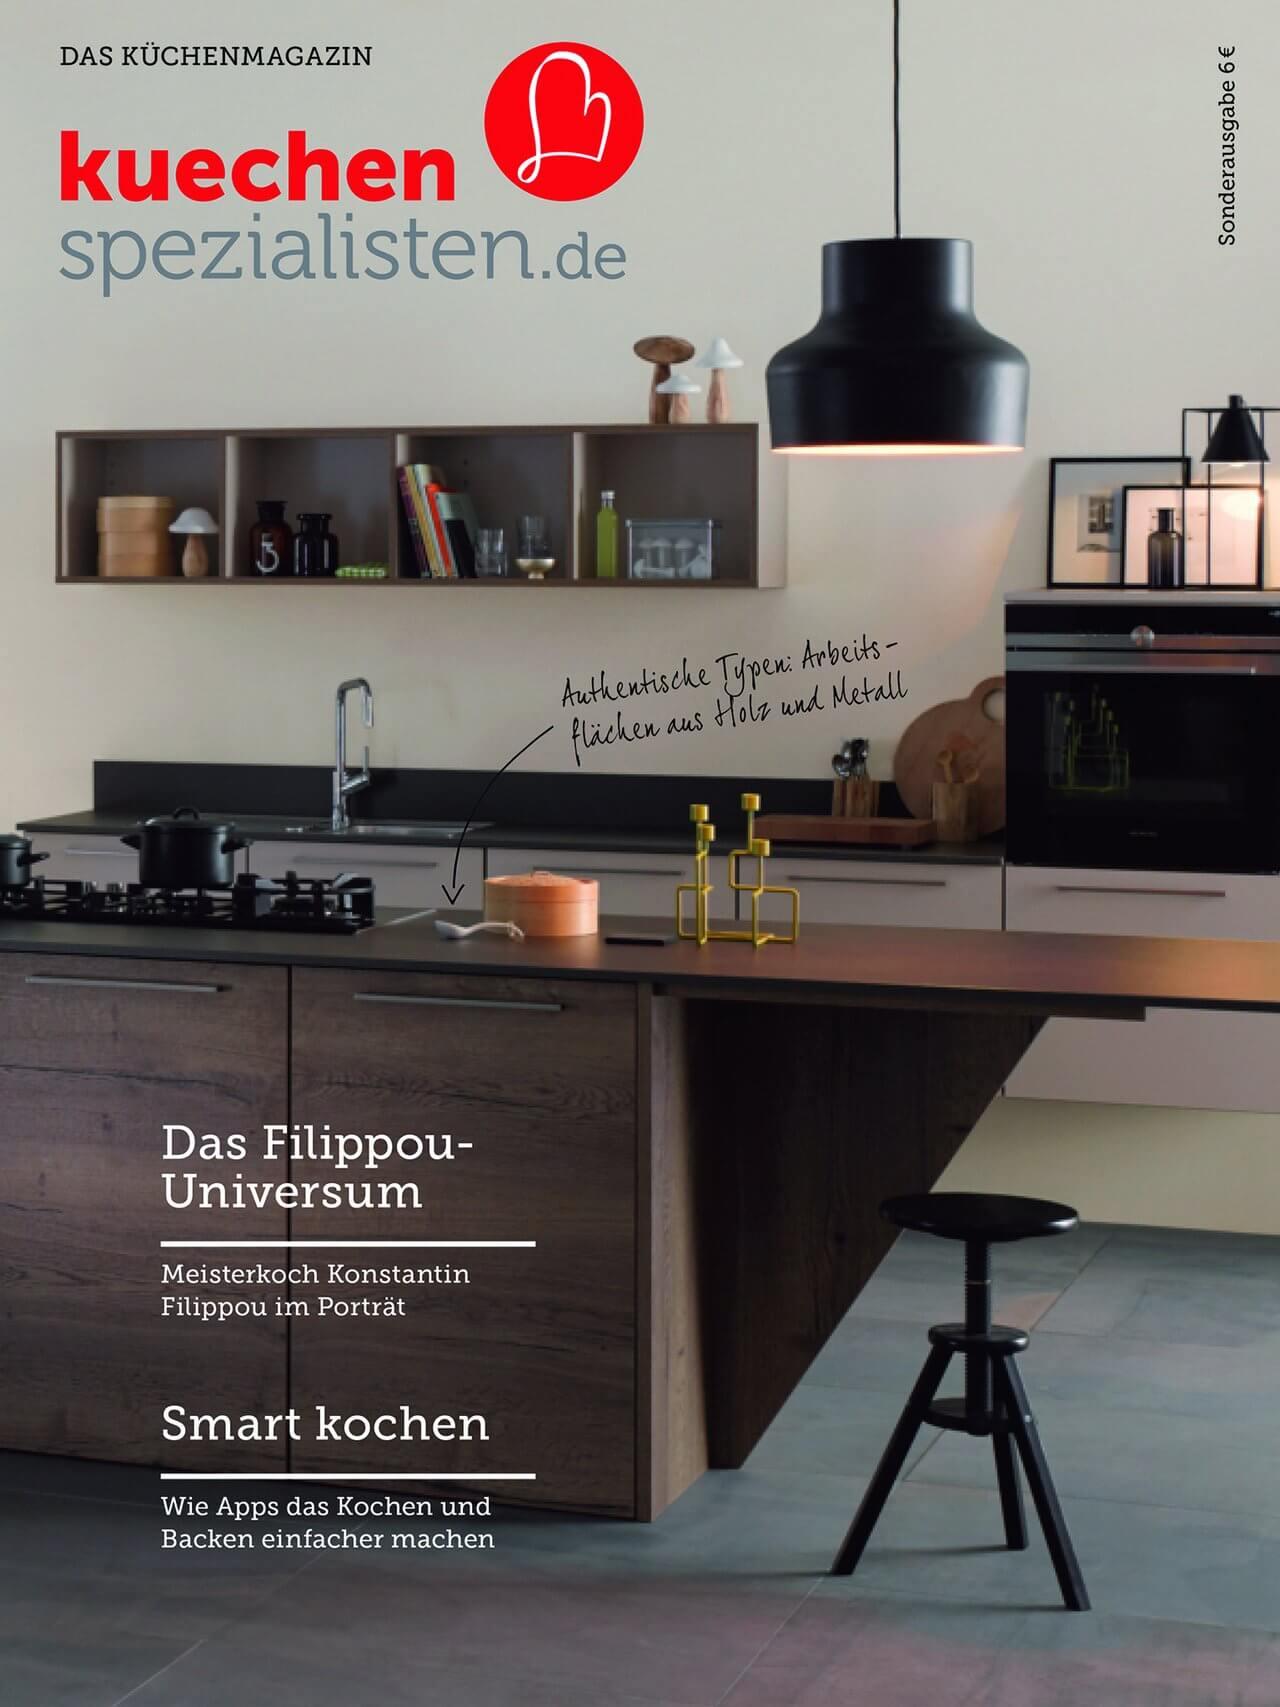 Kuechenspezialisten.de liefert Ideen und Inspirationen für die ...